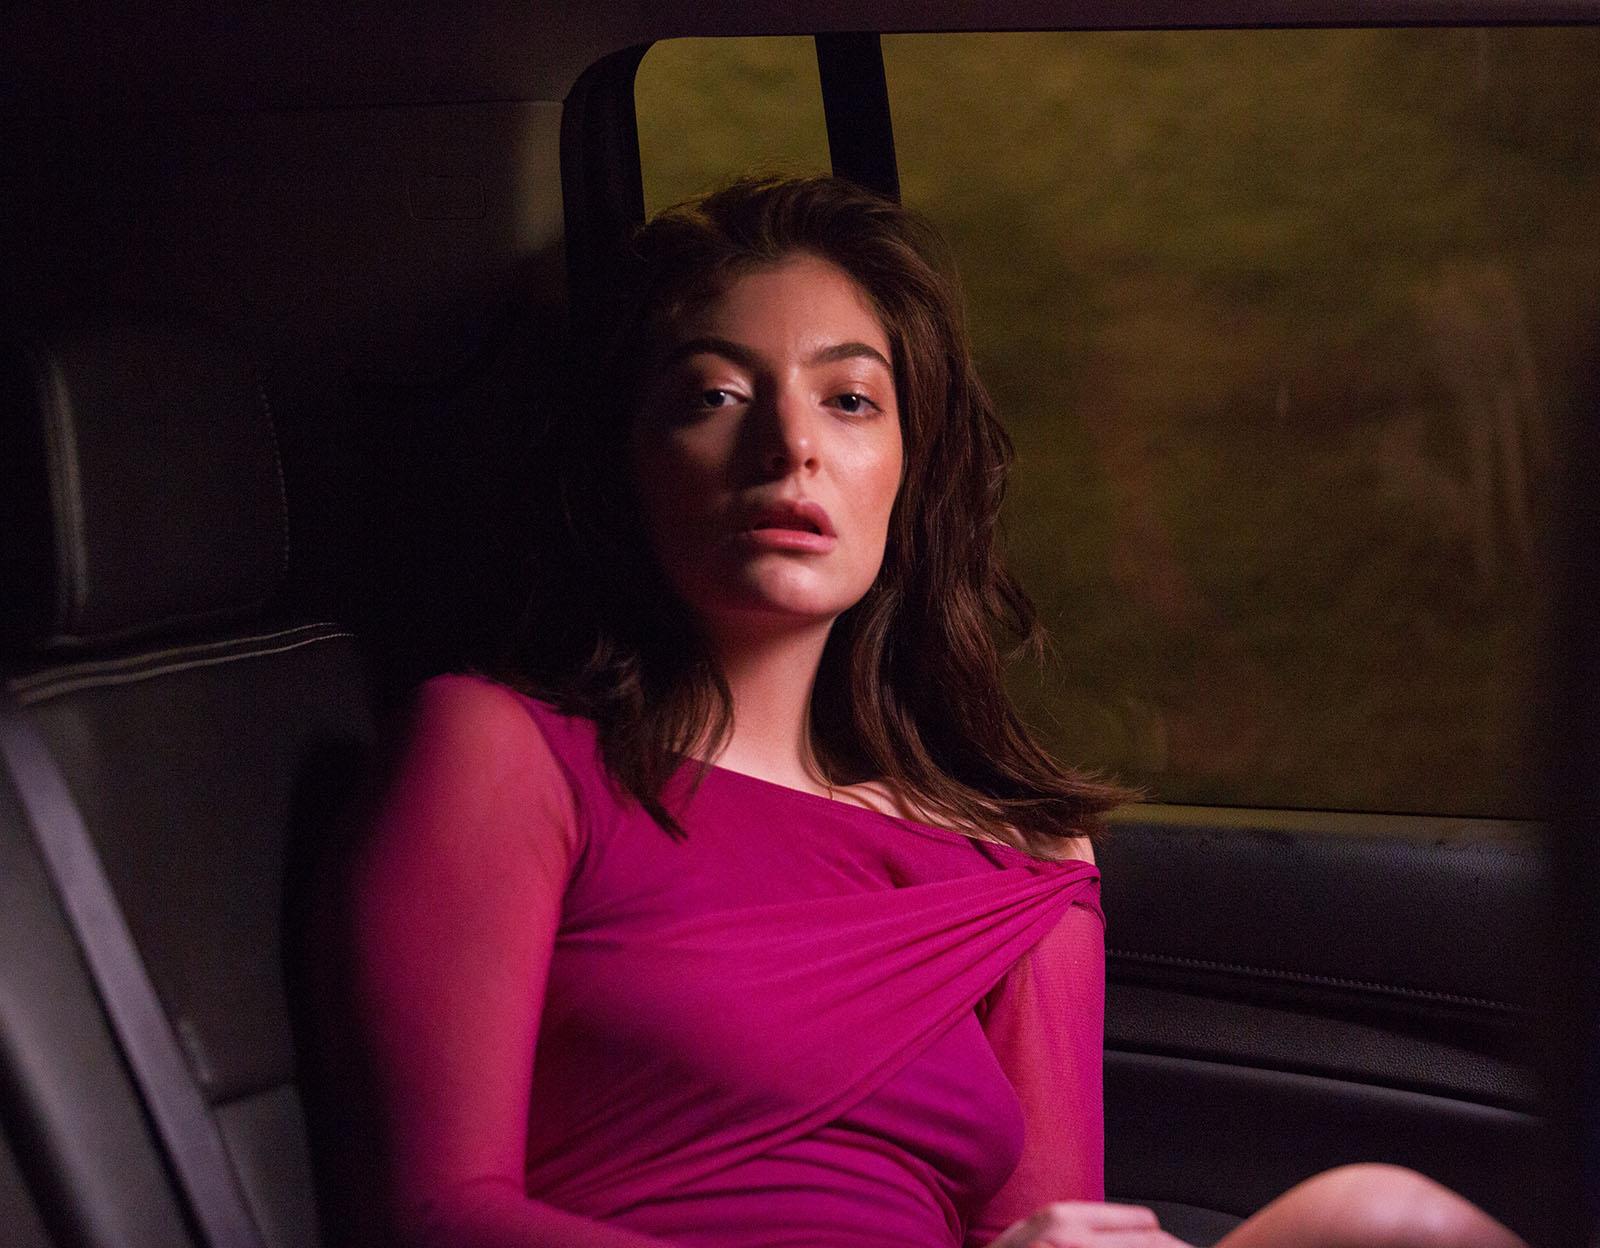 PÚBLICO - Um caso à parte chamado Lorde